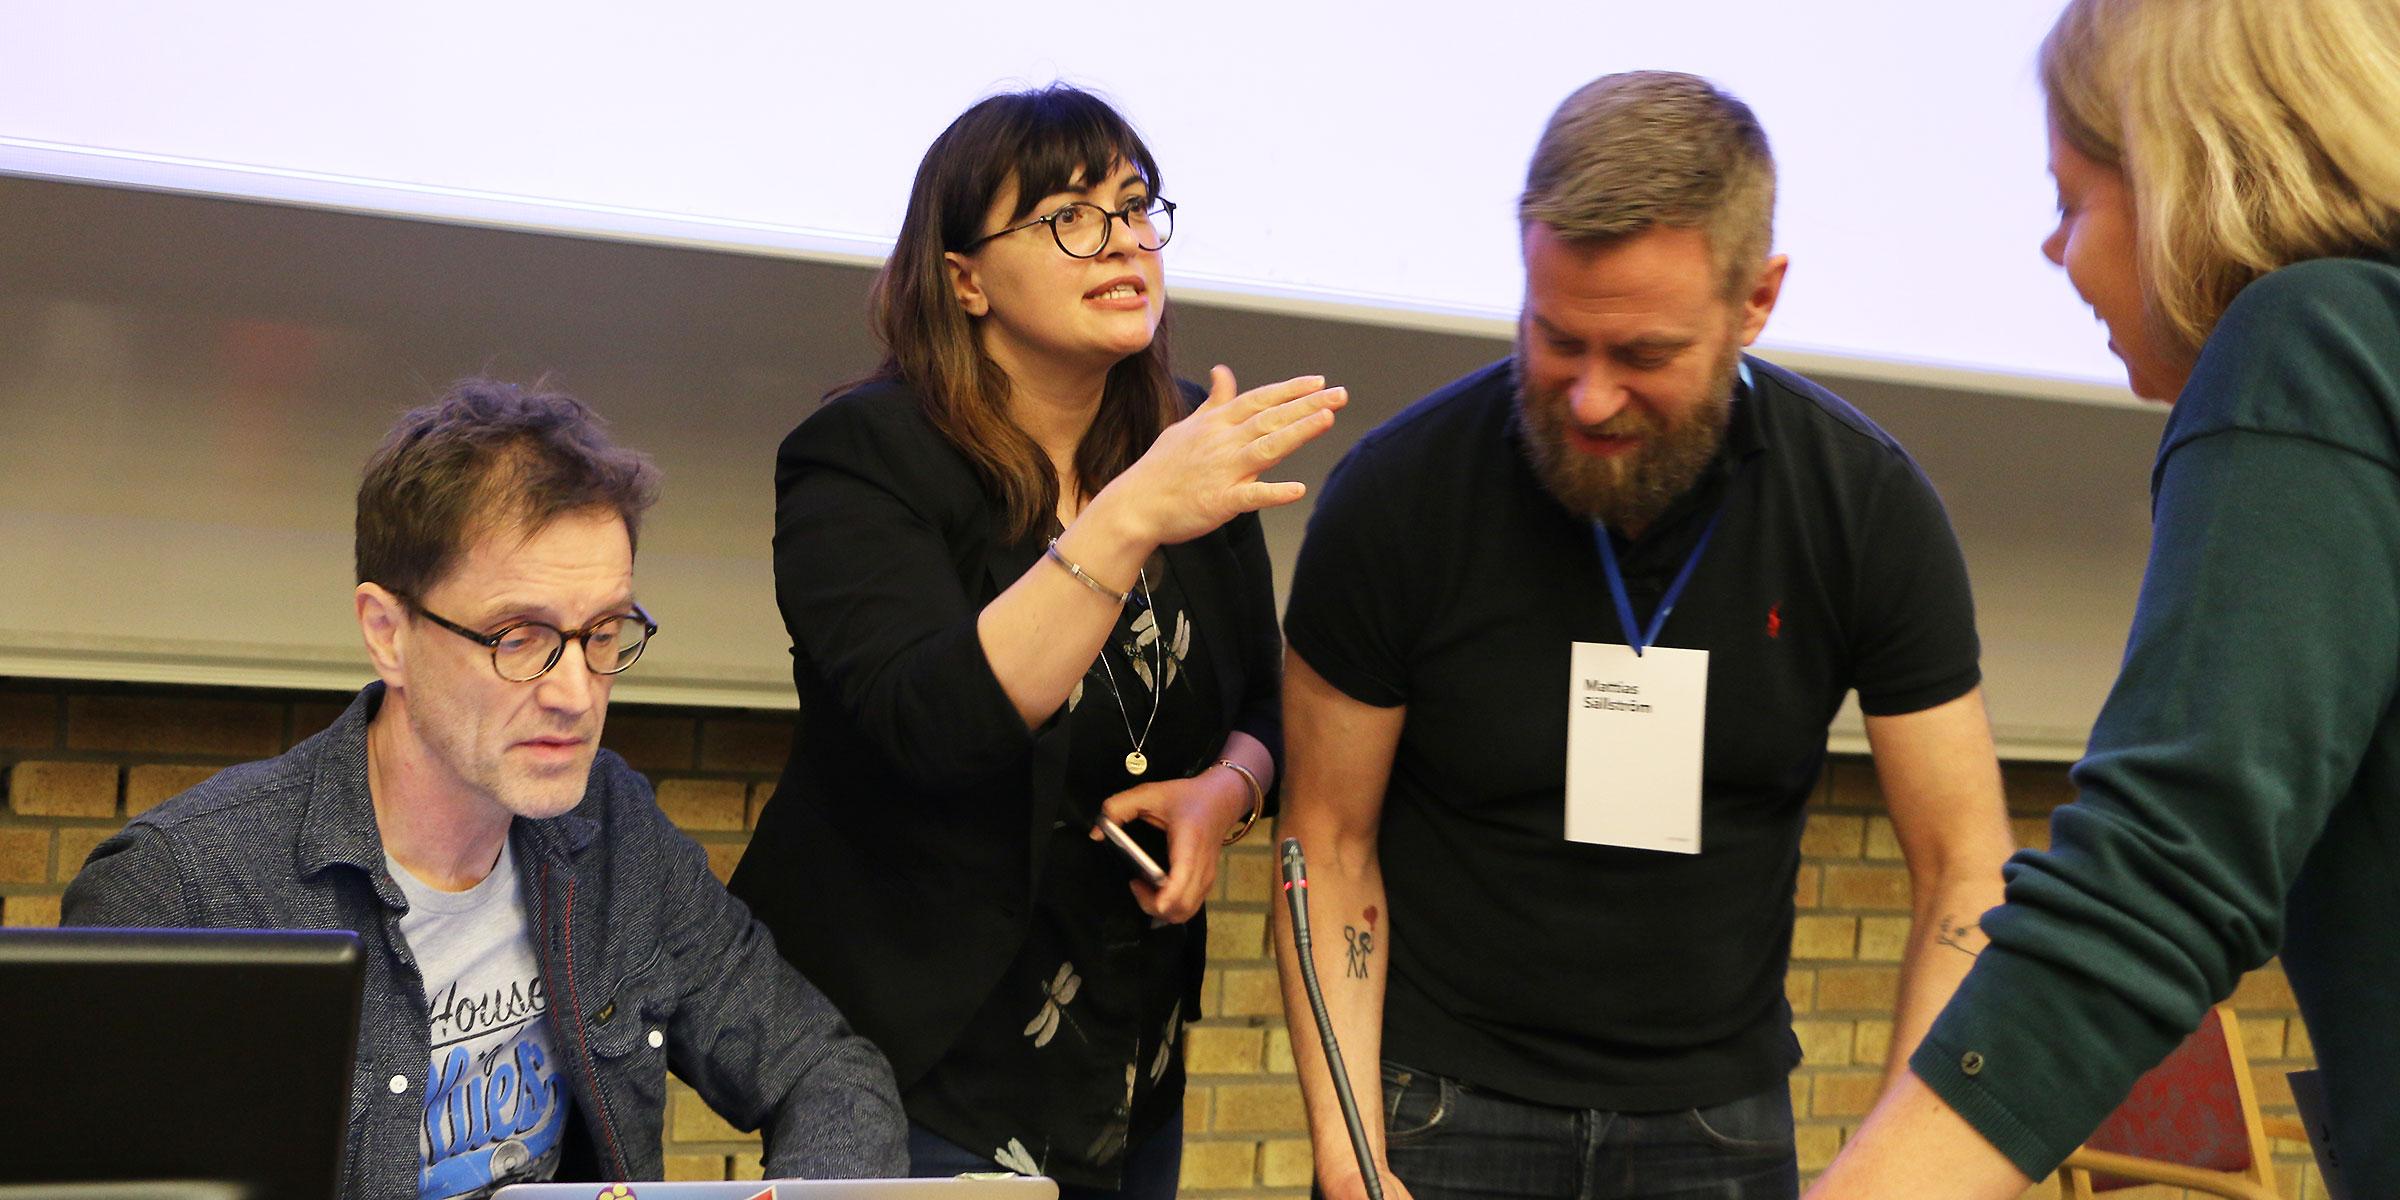 Febril verksamhet in i det sista för att få robotarna uppkopplade mot wifi-nätet. Thomas Hellström och Suna Bensch från Institutionen för datavetenskap tillsammans med Mattias Sällström och Jenny Höglund Svensson, Omegapoint, förbereder.